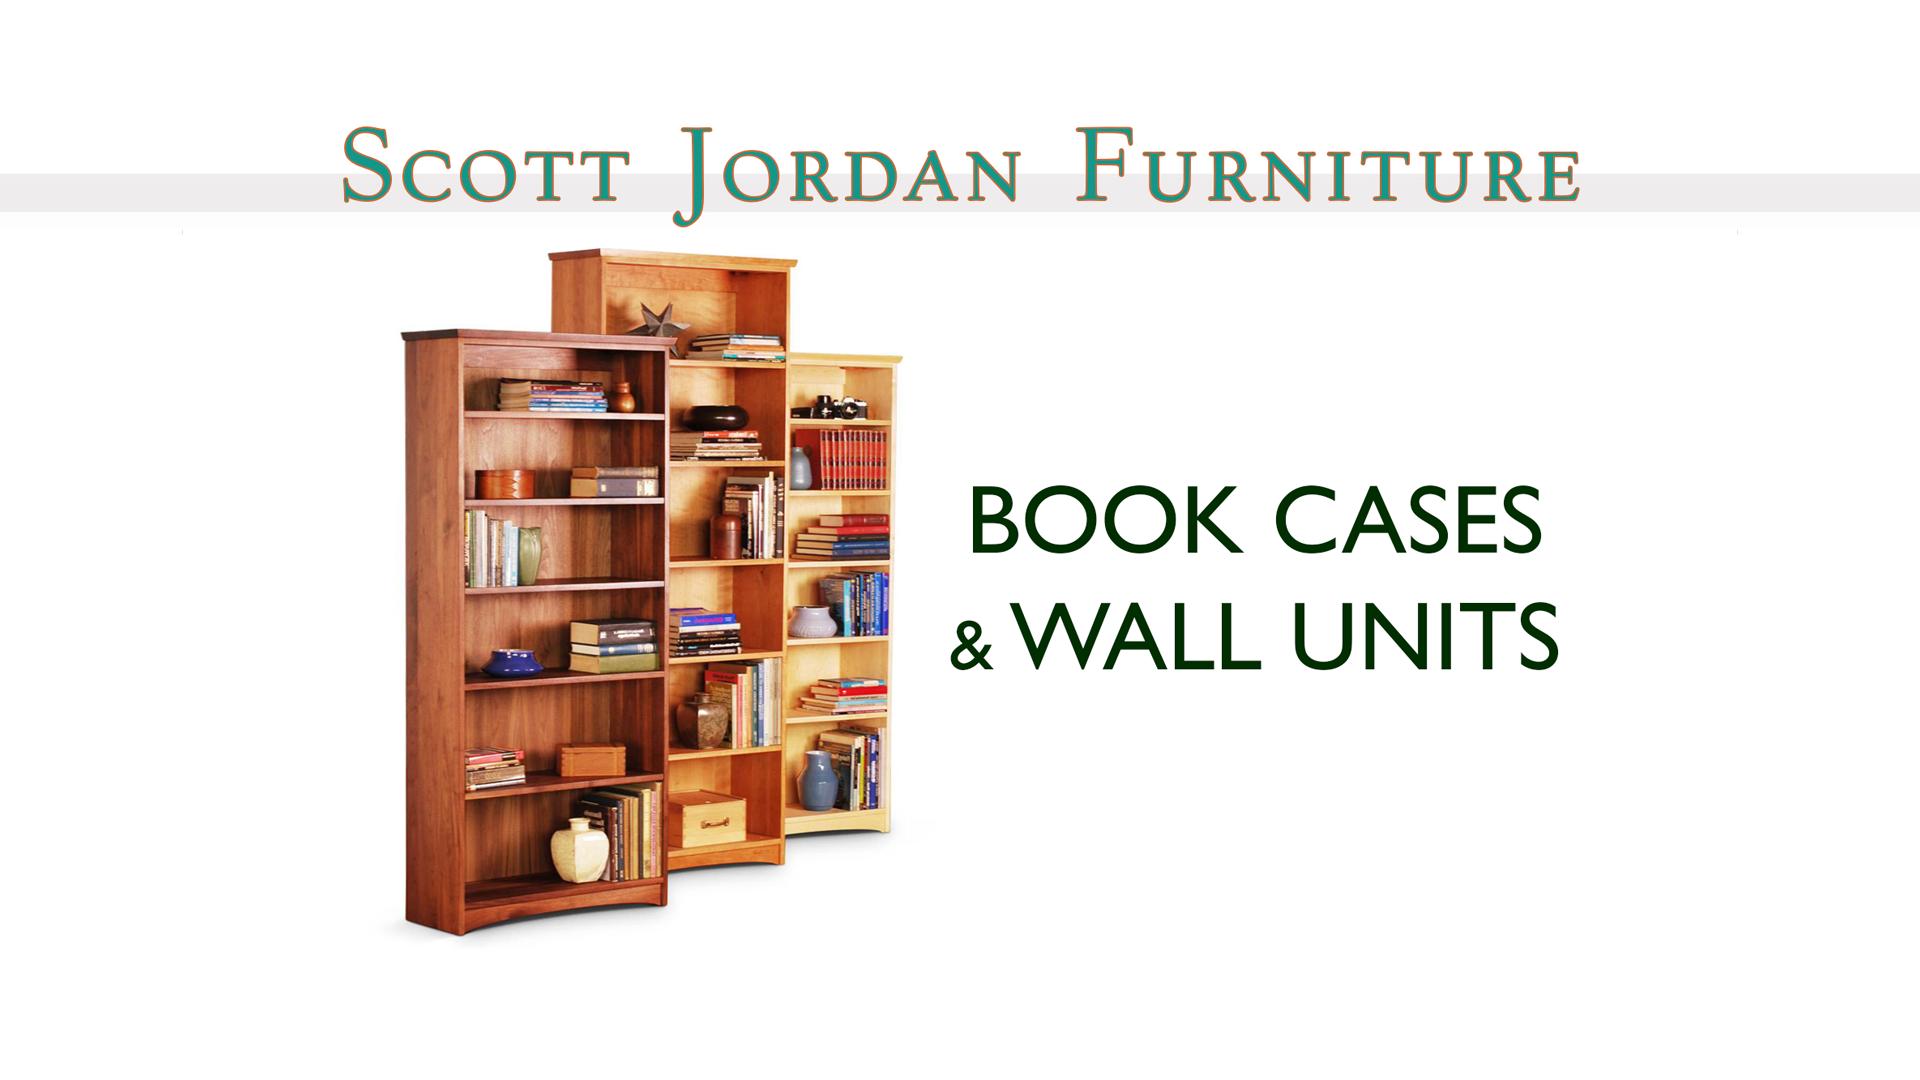 Scott Jordan Book Cases Wall Units